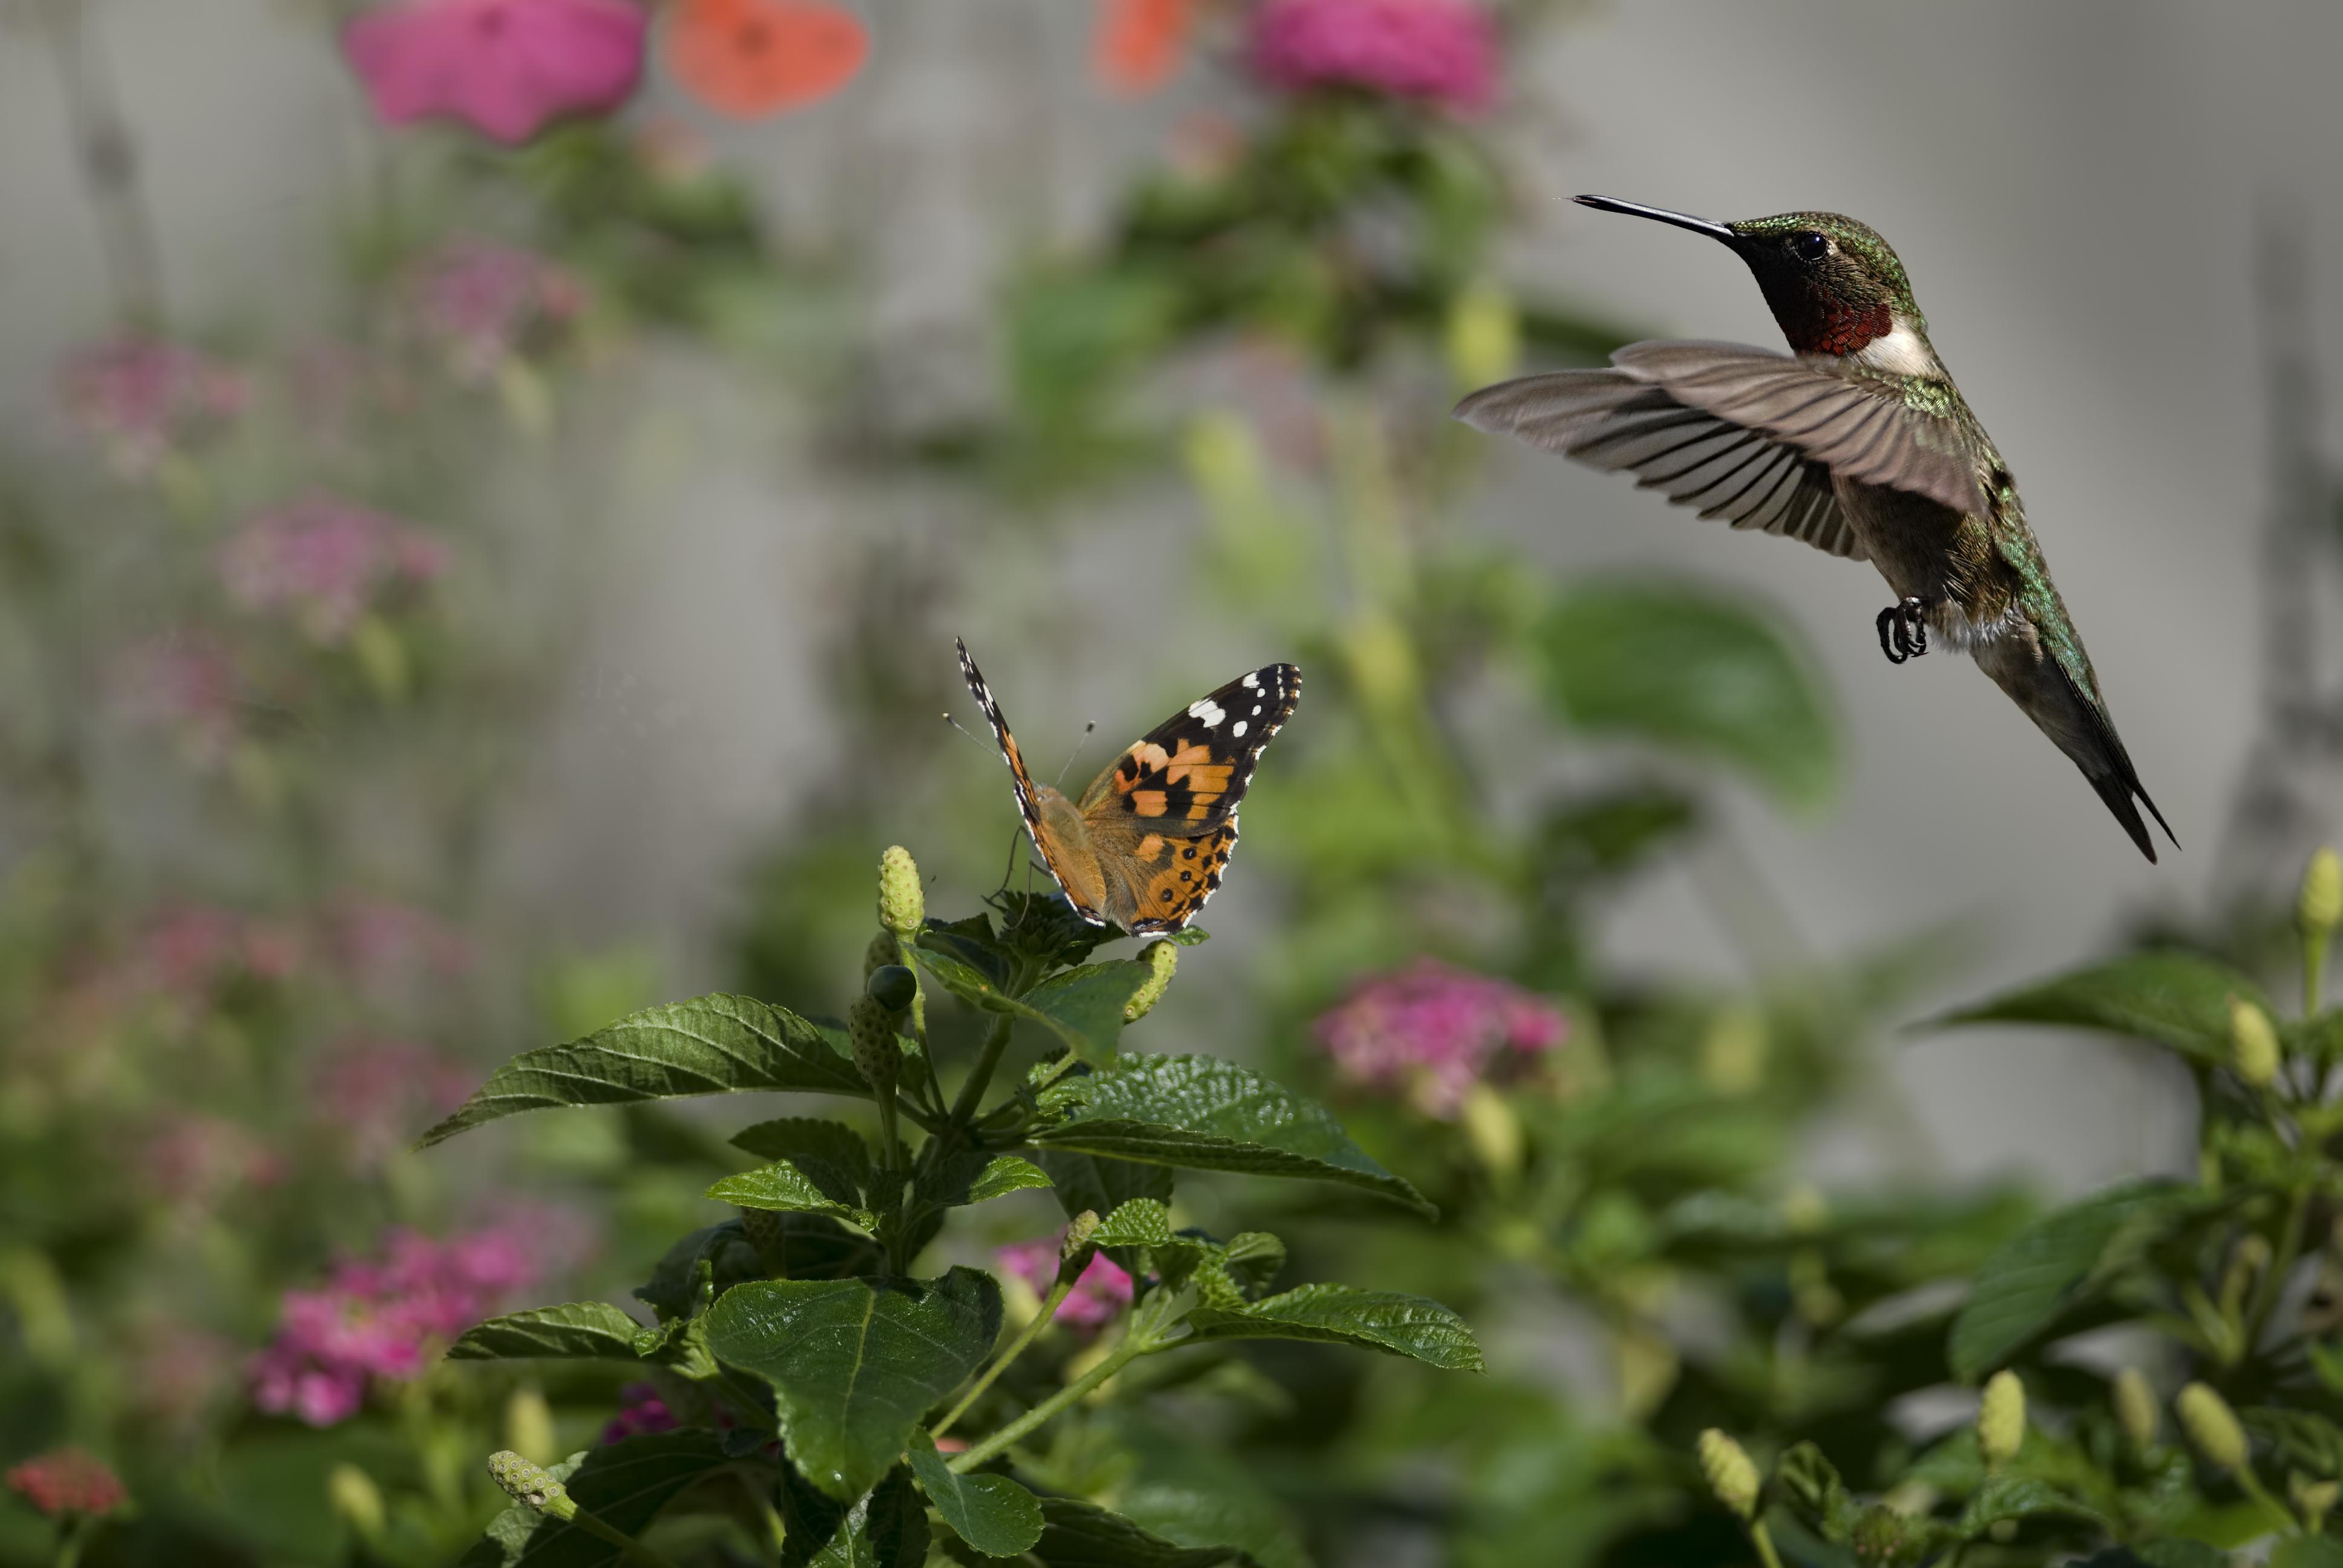 flowers butterflies birds hummingbirds insects sun bokeh j